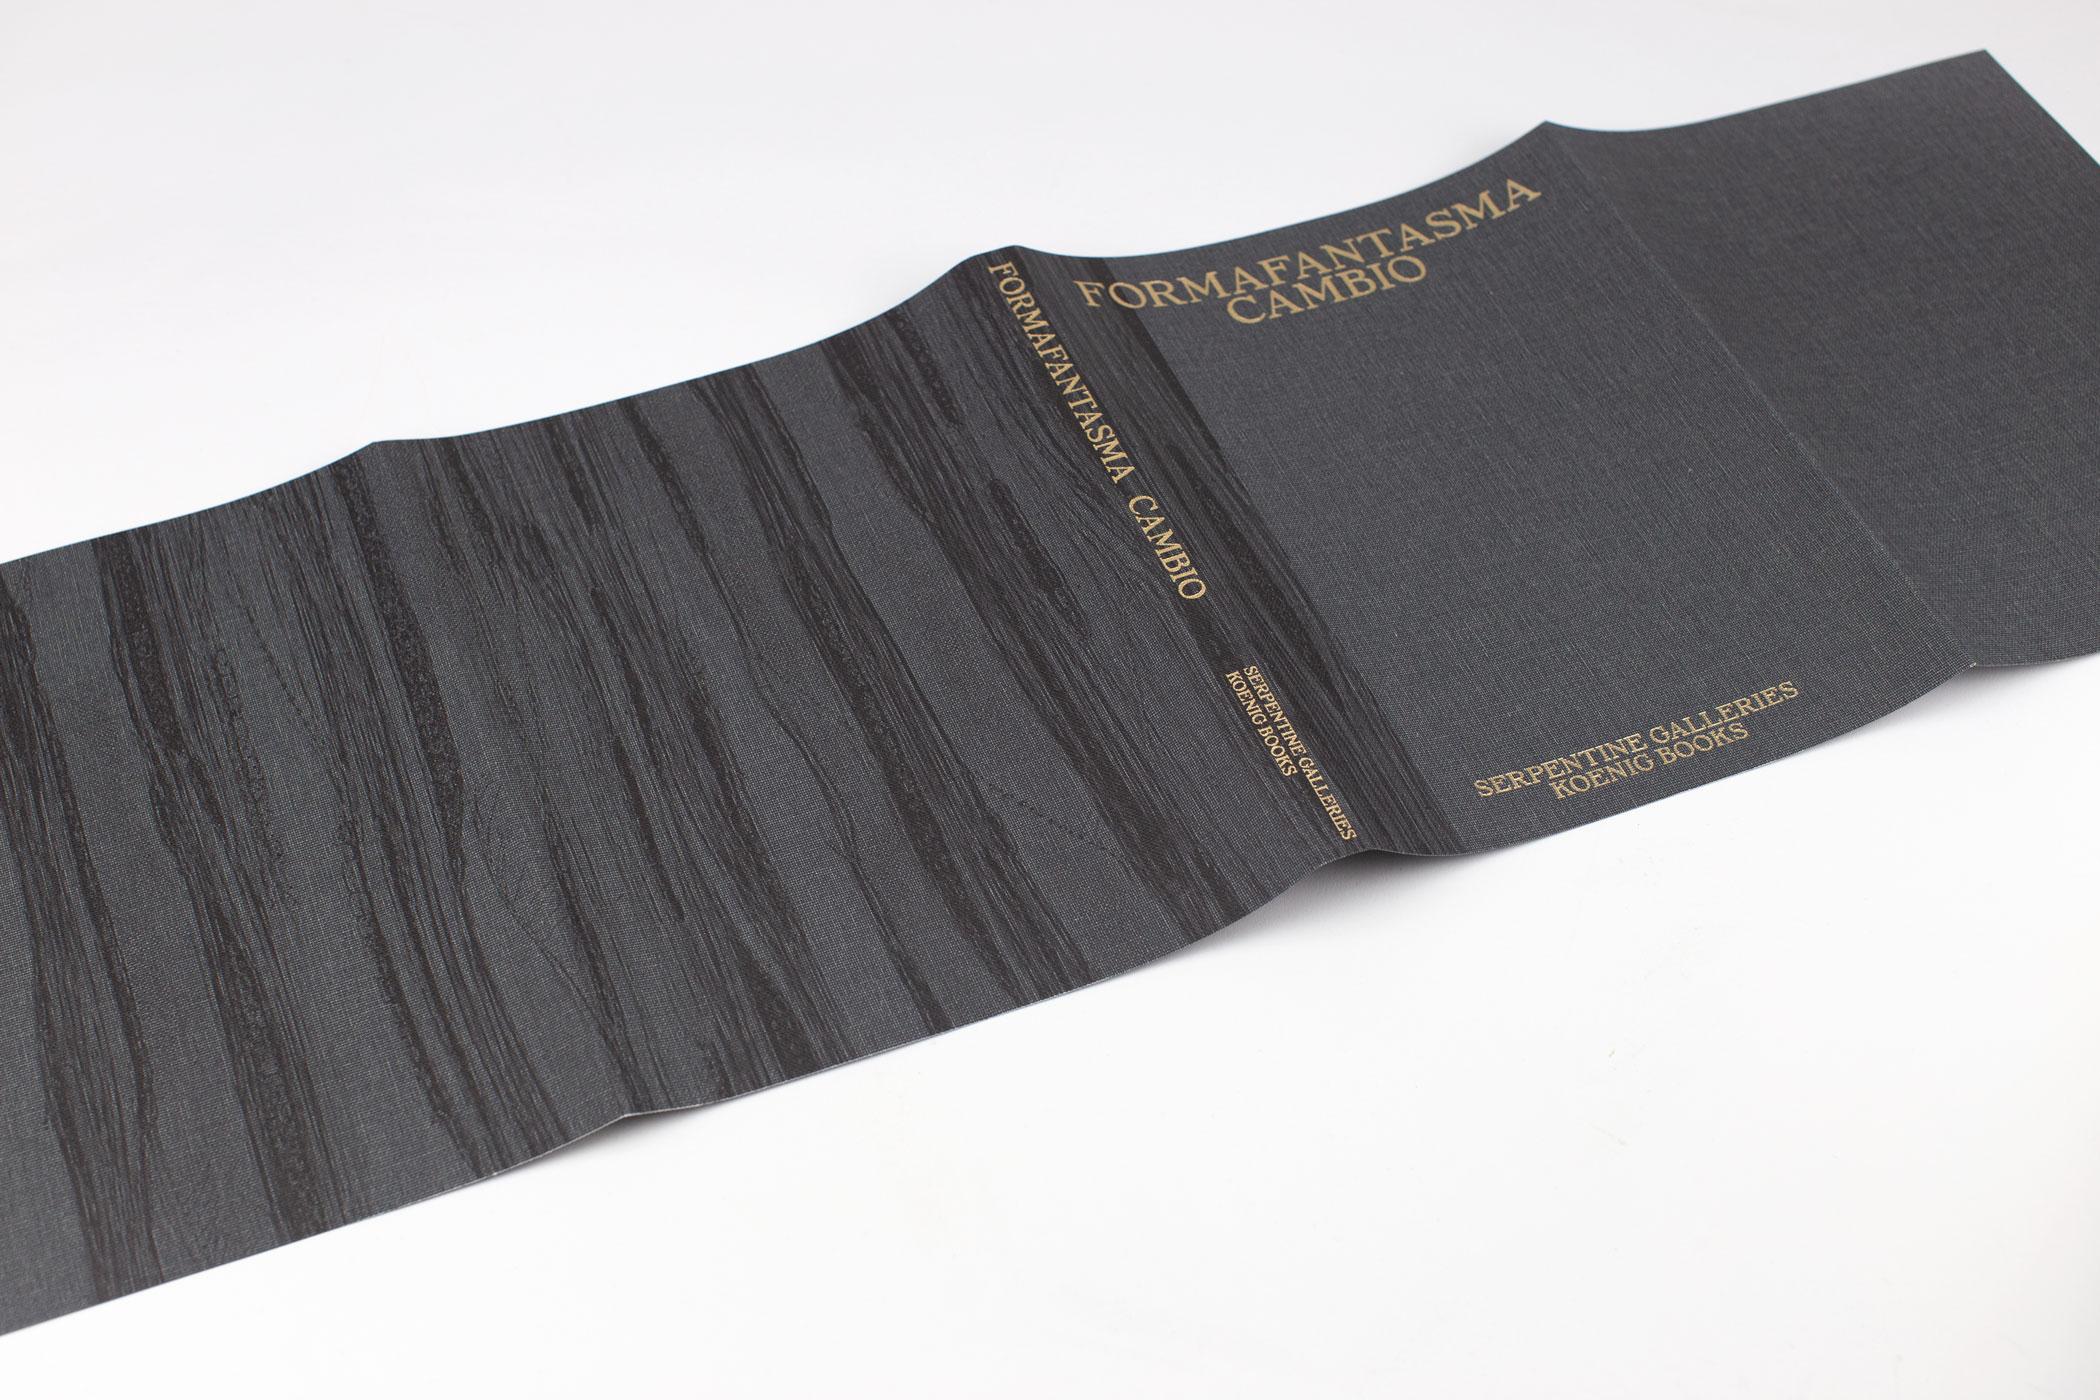 Studio Joost Grootens kwam naar De Monsterkamer om papier uit te zoeken voor het boek Formafantasma Cambio. Serpentine Galleries, Londen.